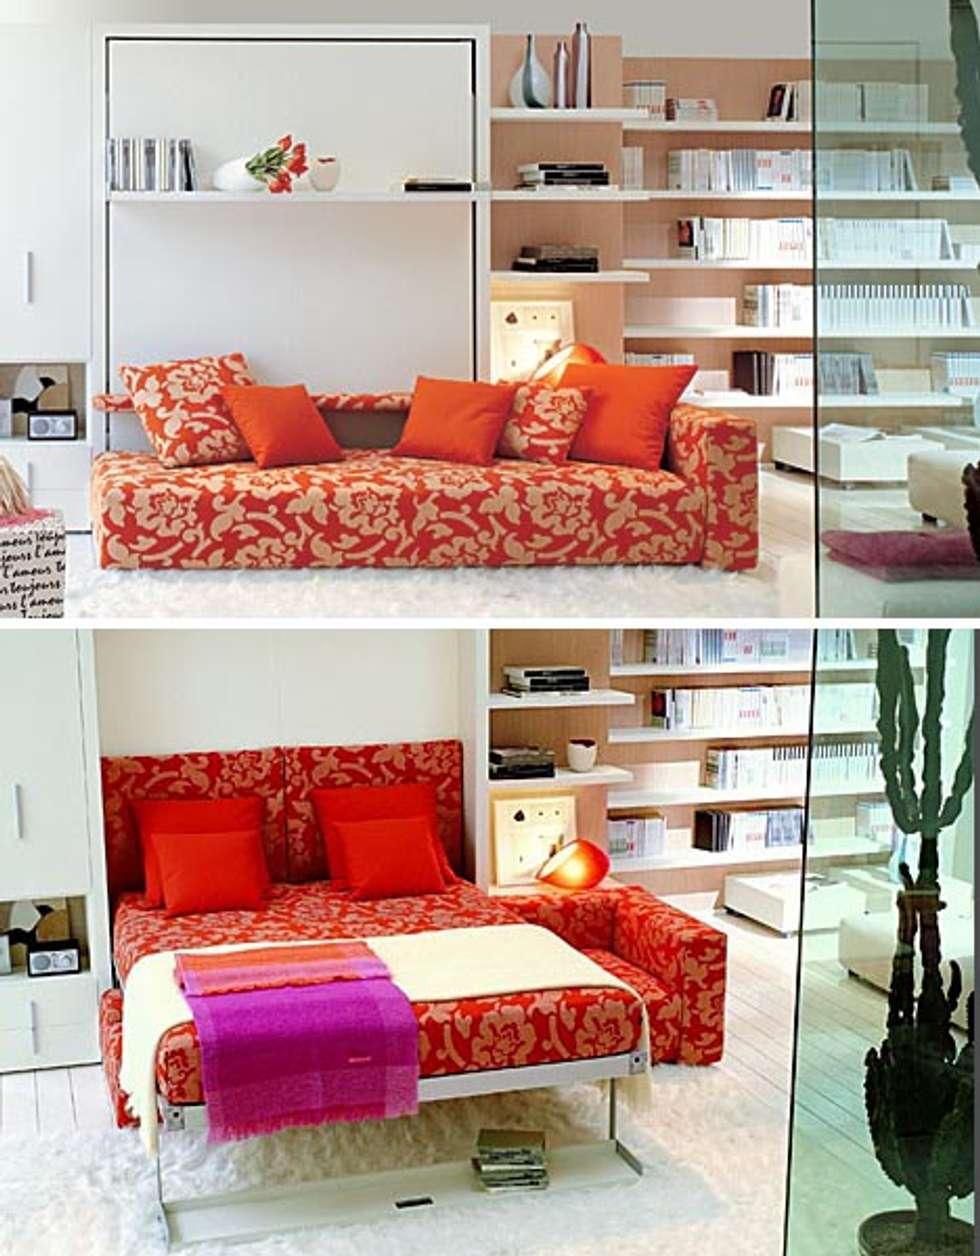 Idee arredamento casa interior design homify for Hem arredamento